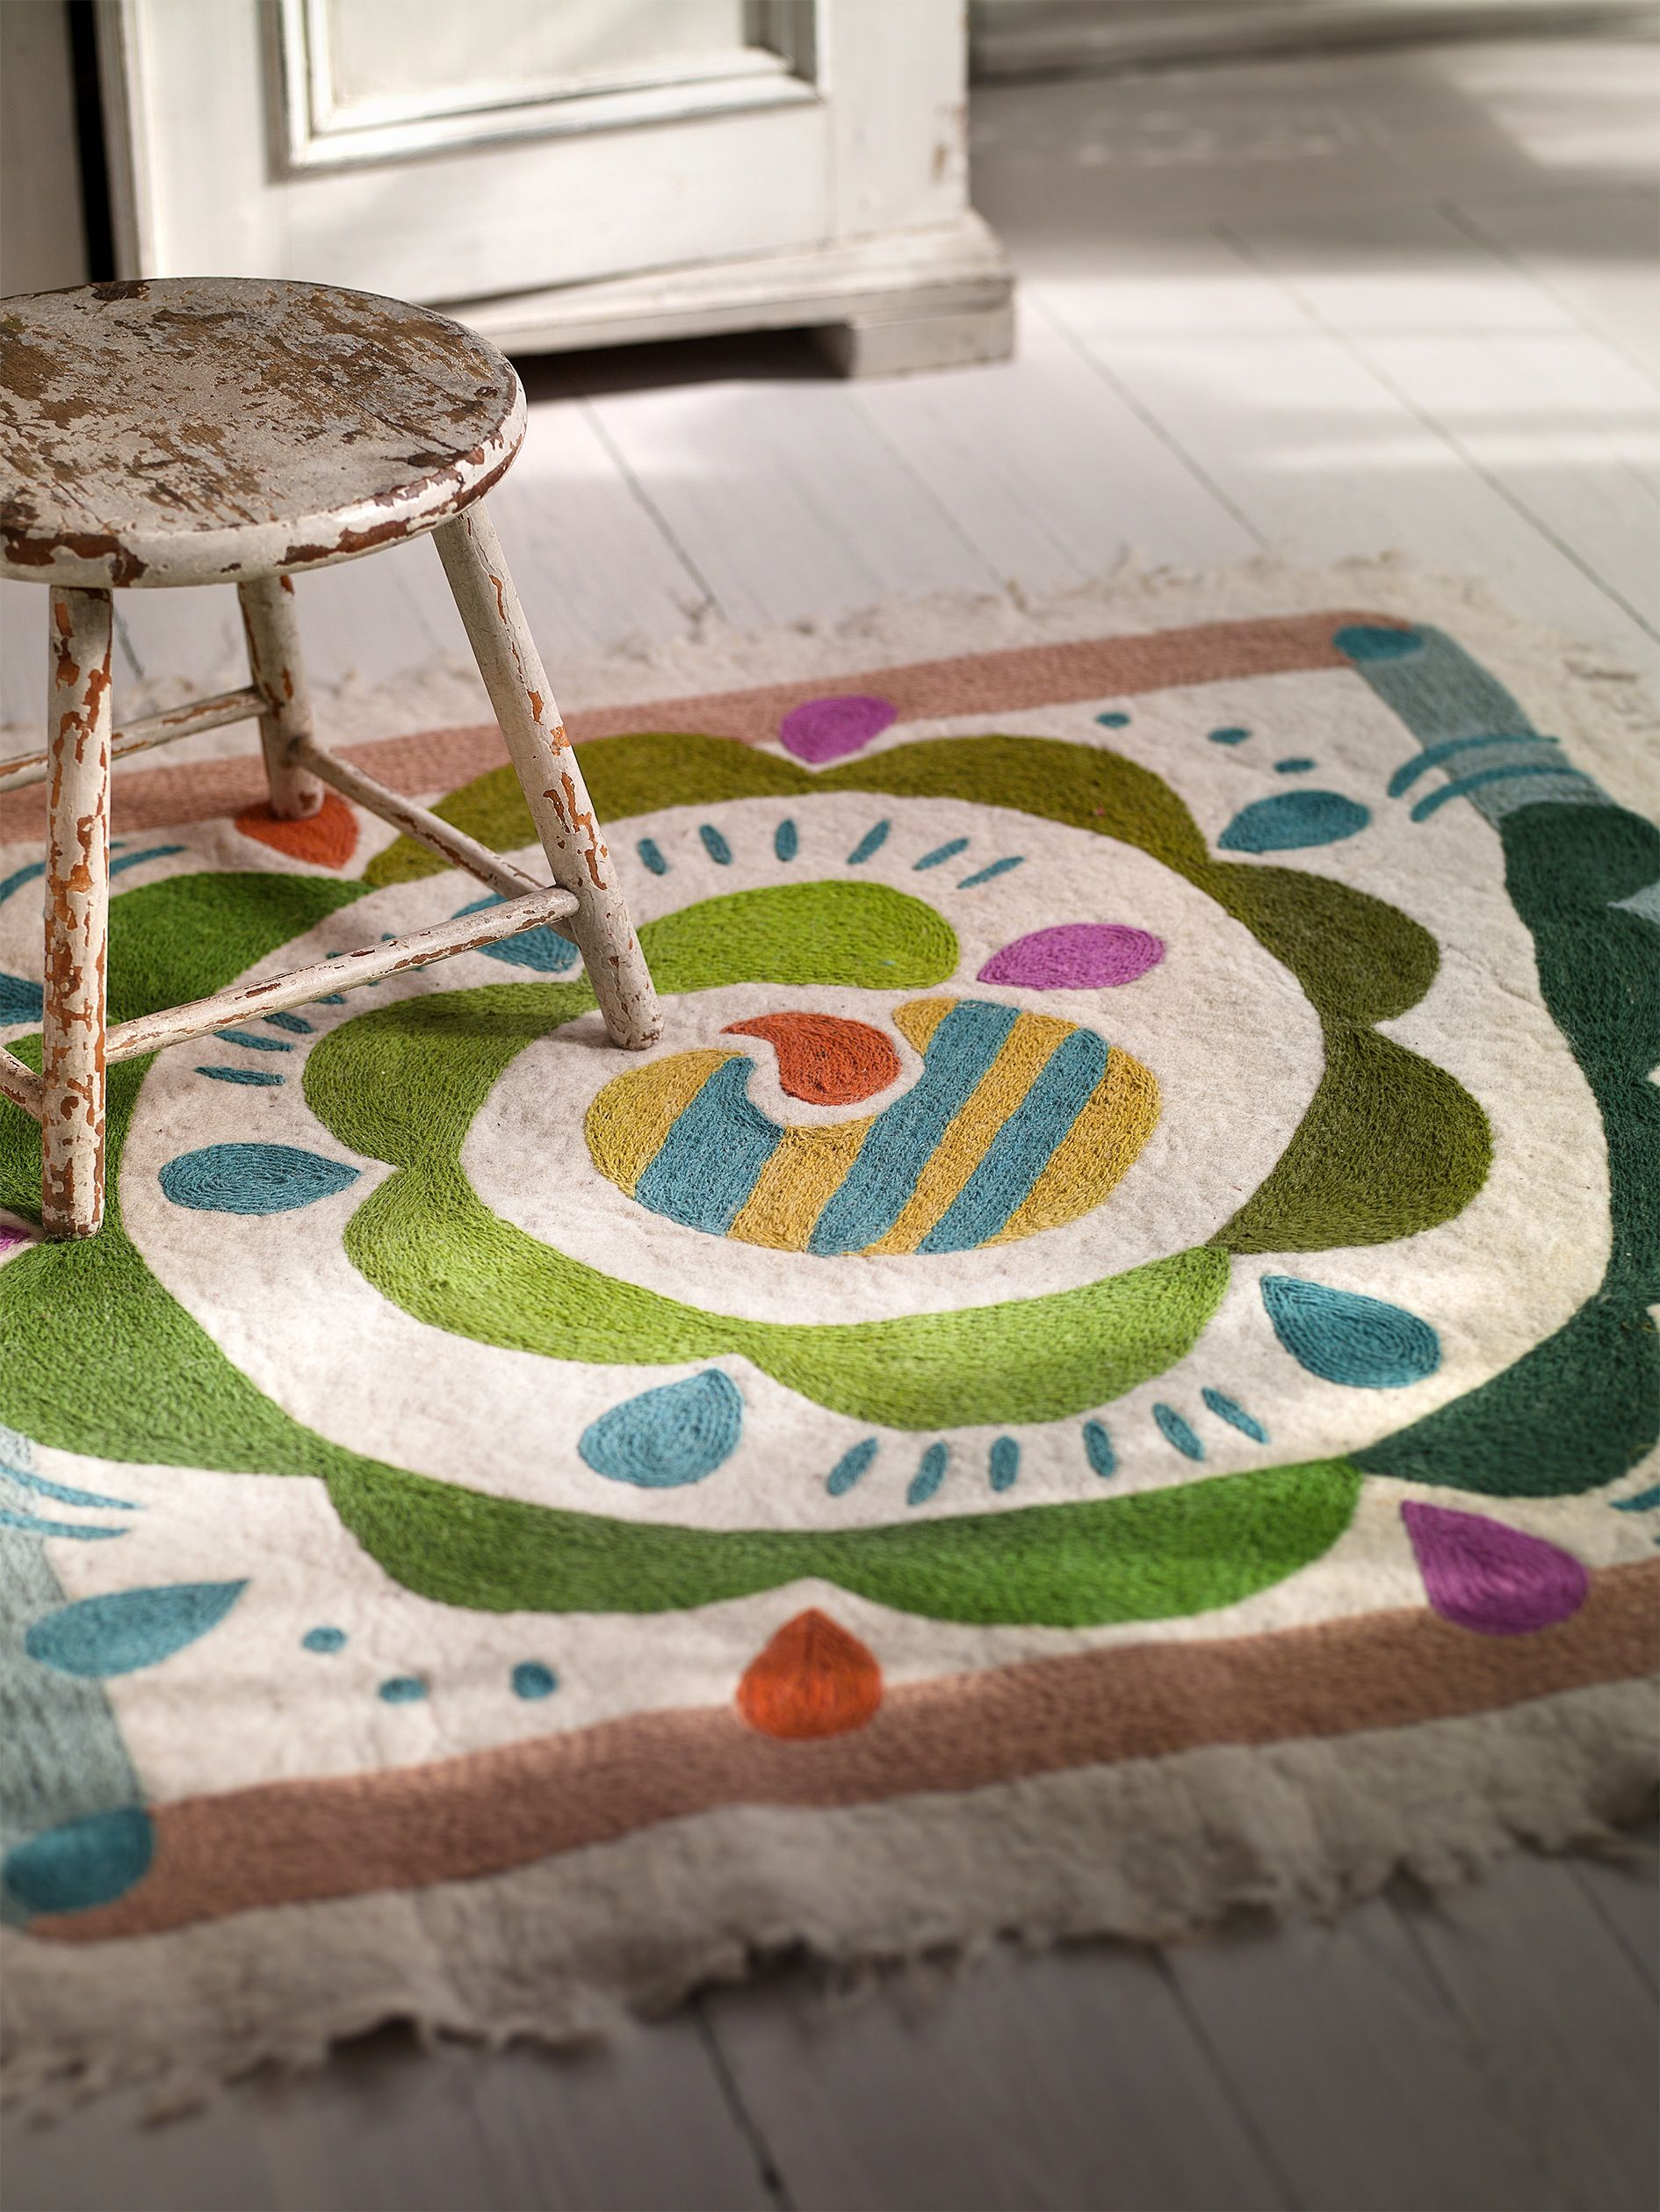 herbst winter 2013 quadratischer teppich aus gefilzter woll baumwollmischung mit. Black Bedroom Furniture Sets. Home Design Ideas